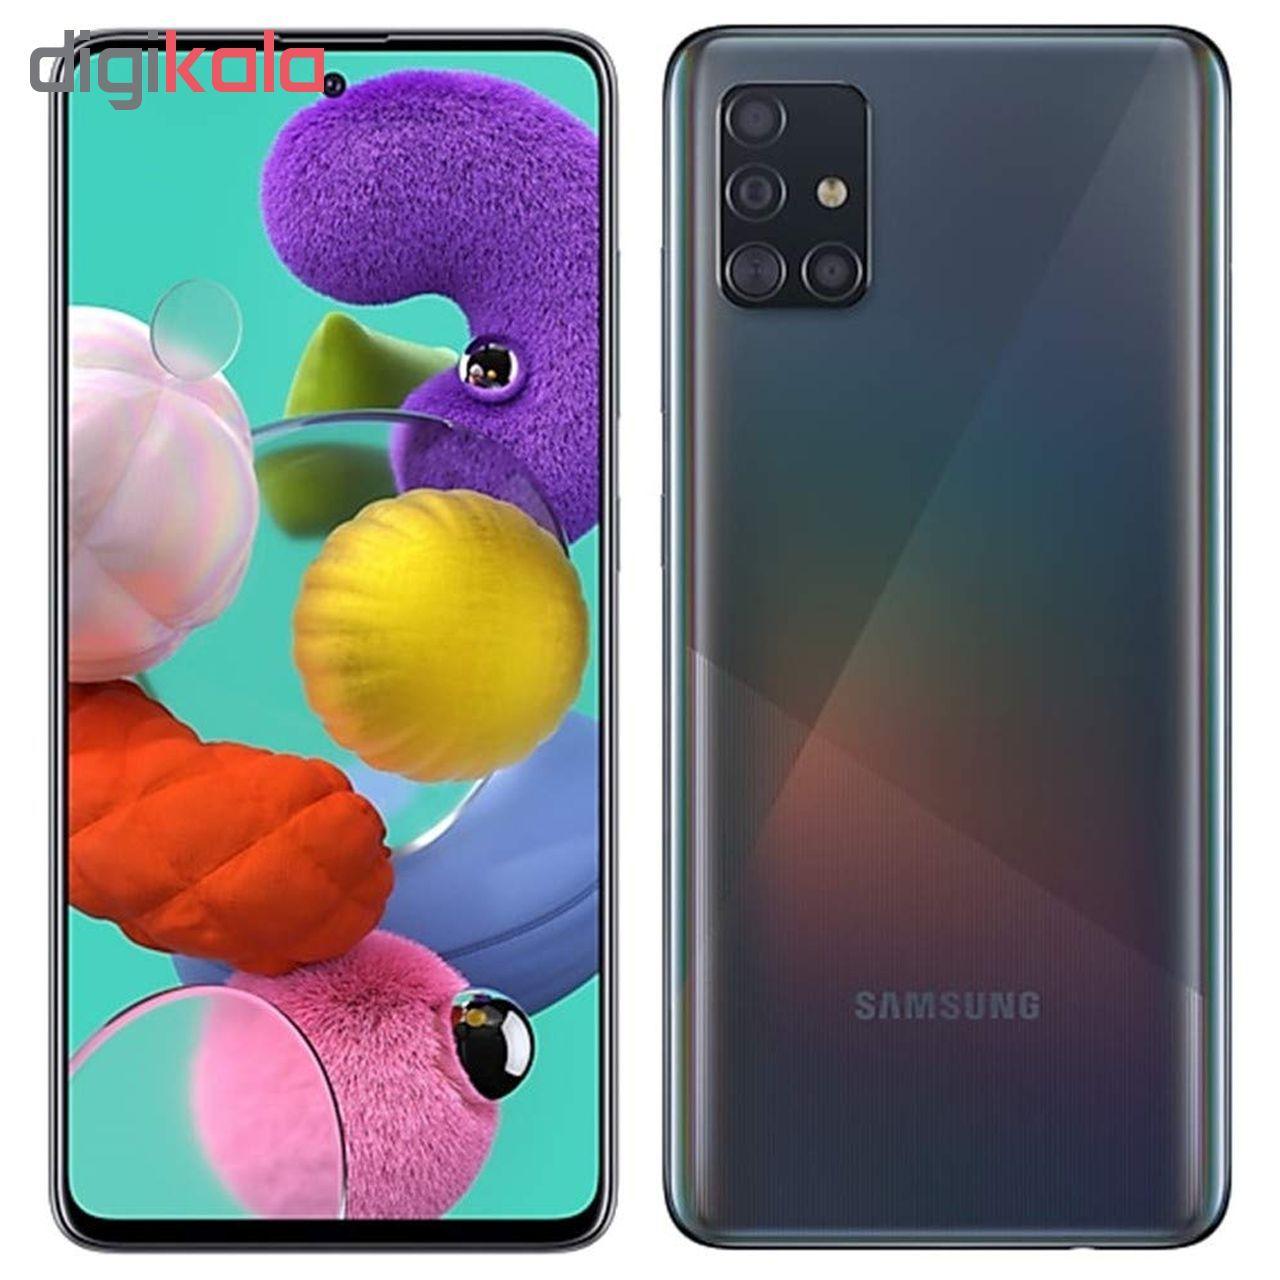 گوشی موبایل سامسونگ مدل Galaxy A51 SM-A515F/DSN دو سیم کارت ظرفیت 128گیگابایت main 1 6